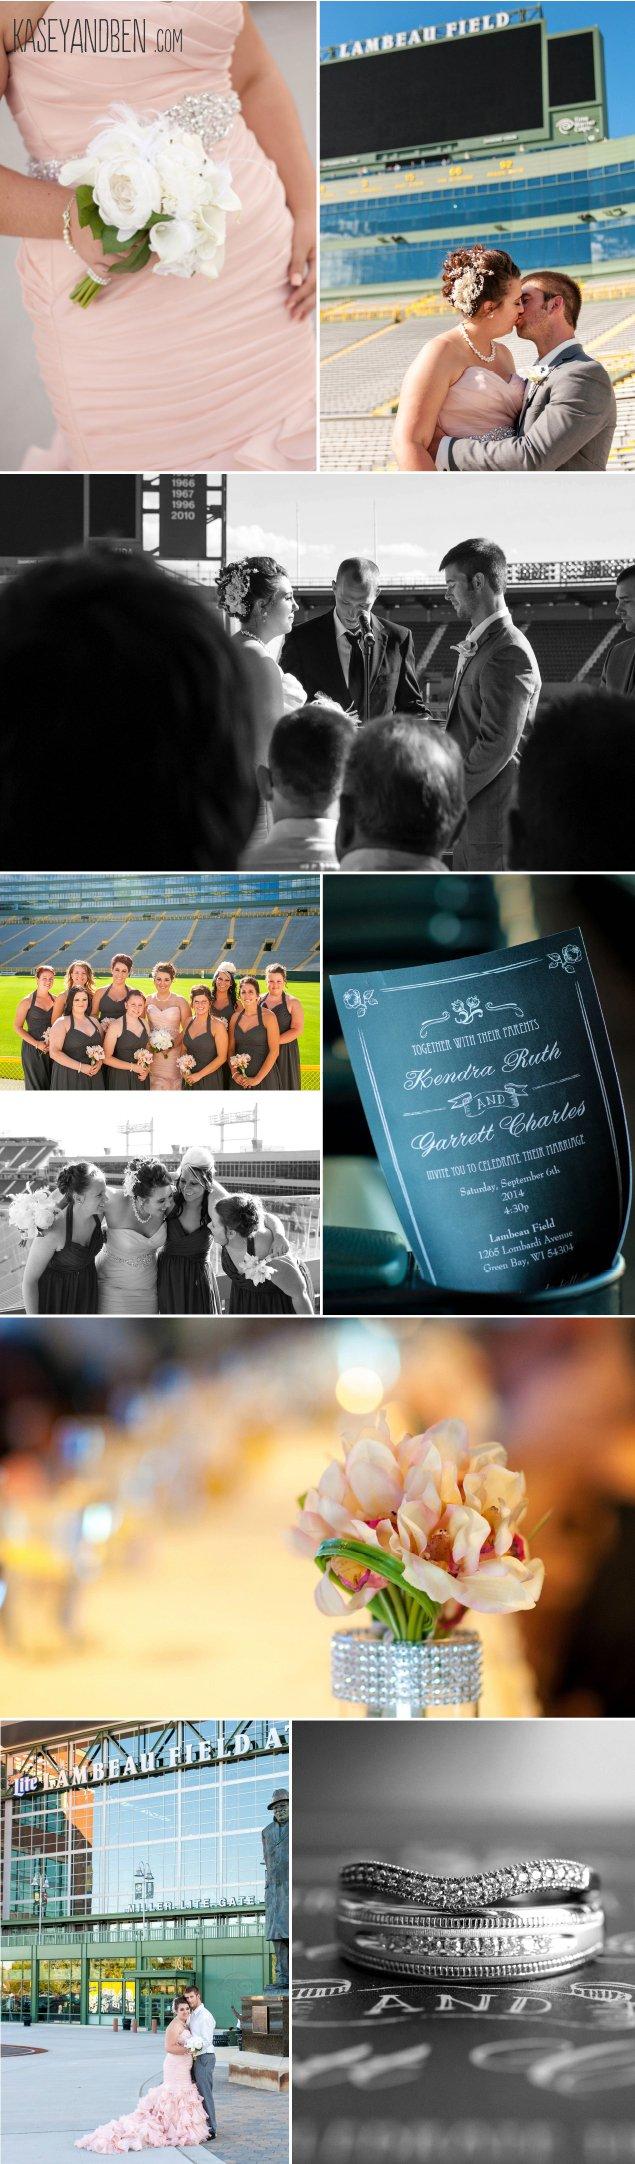 Lambeau_Field_Packers_Outdoor_Wedding_Green_Bay_2